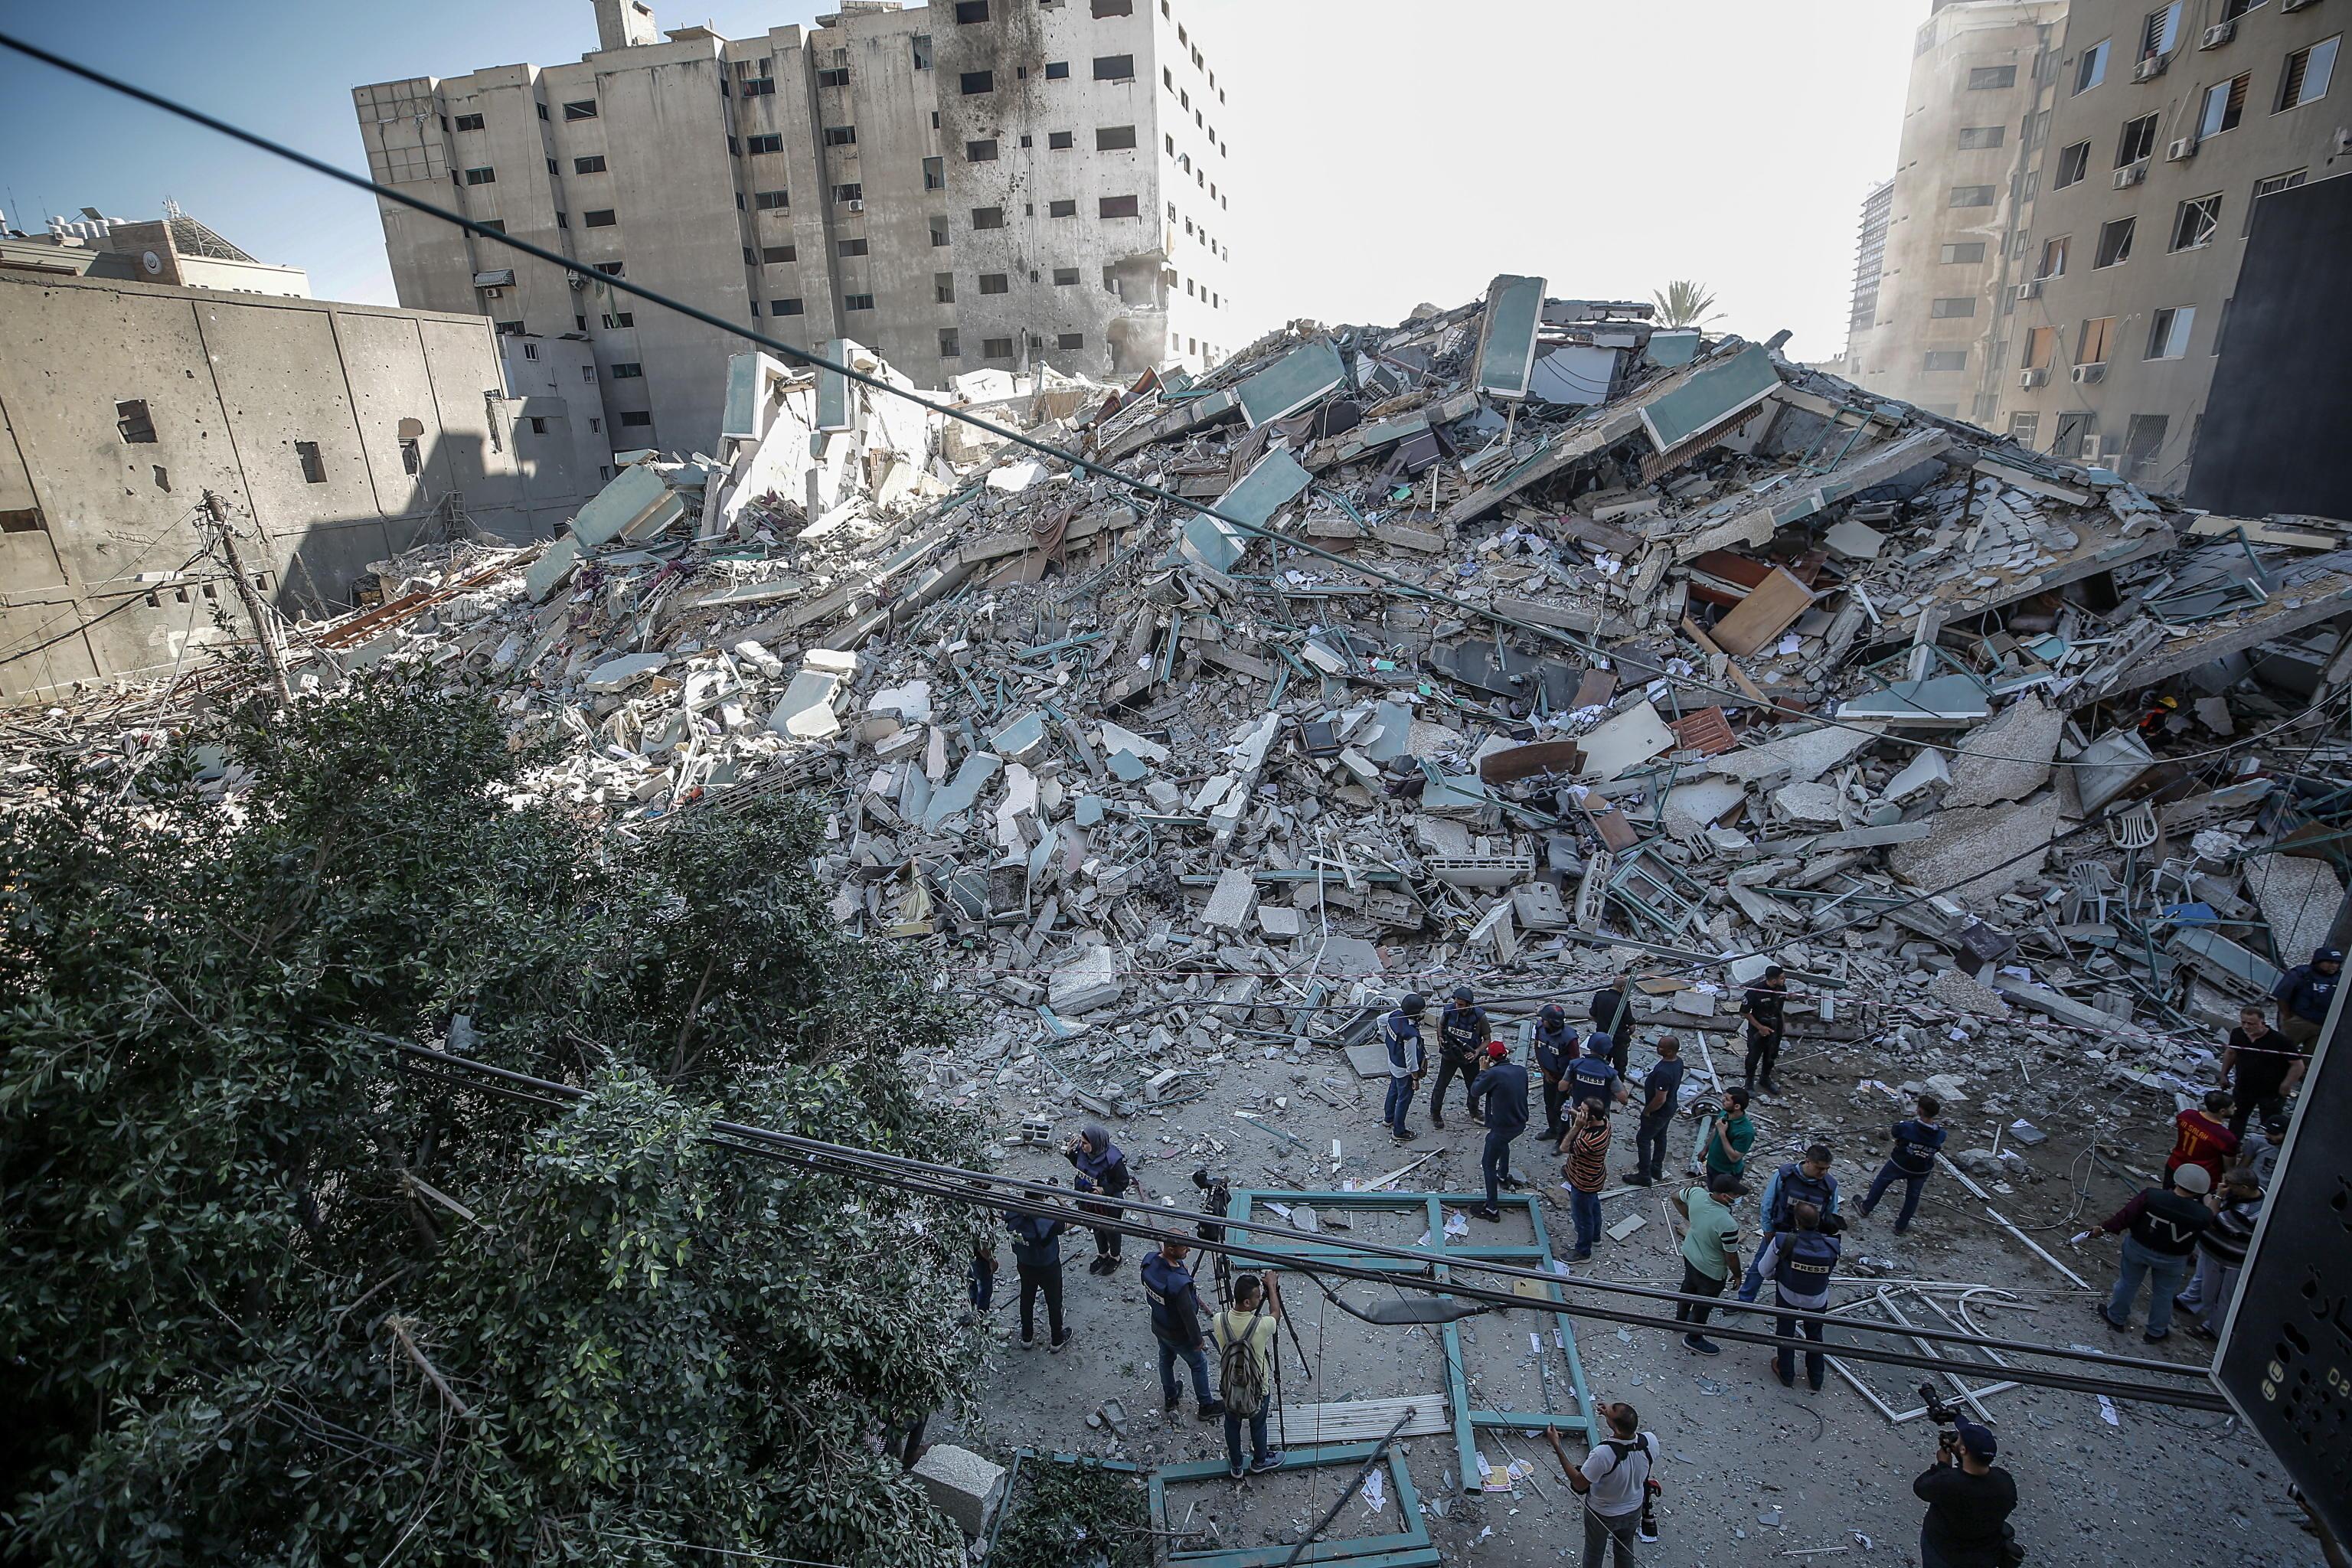 Israele, Hamas cessa il fuoco ma annuncia possibili attacchi su Tel Aviv dalla mezzanotte. Biden protesta con Netanyahu per il numero di vittime